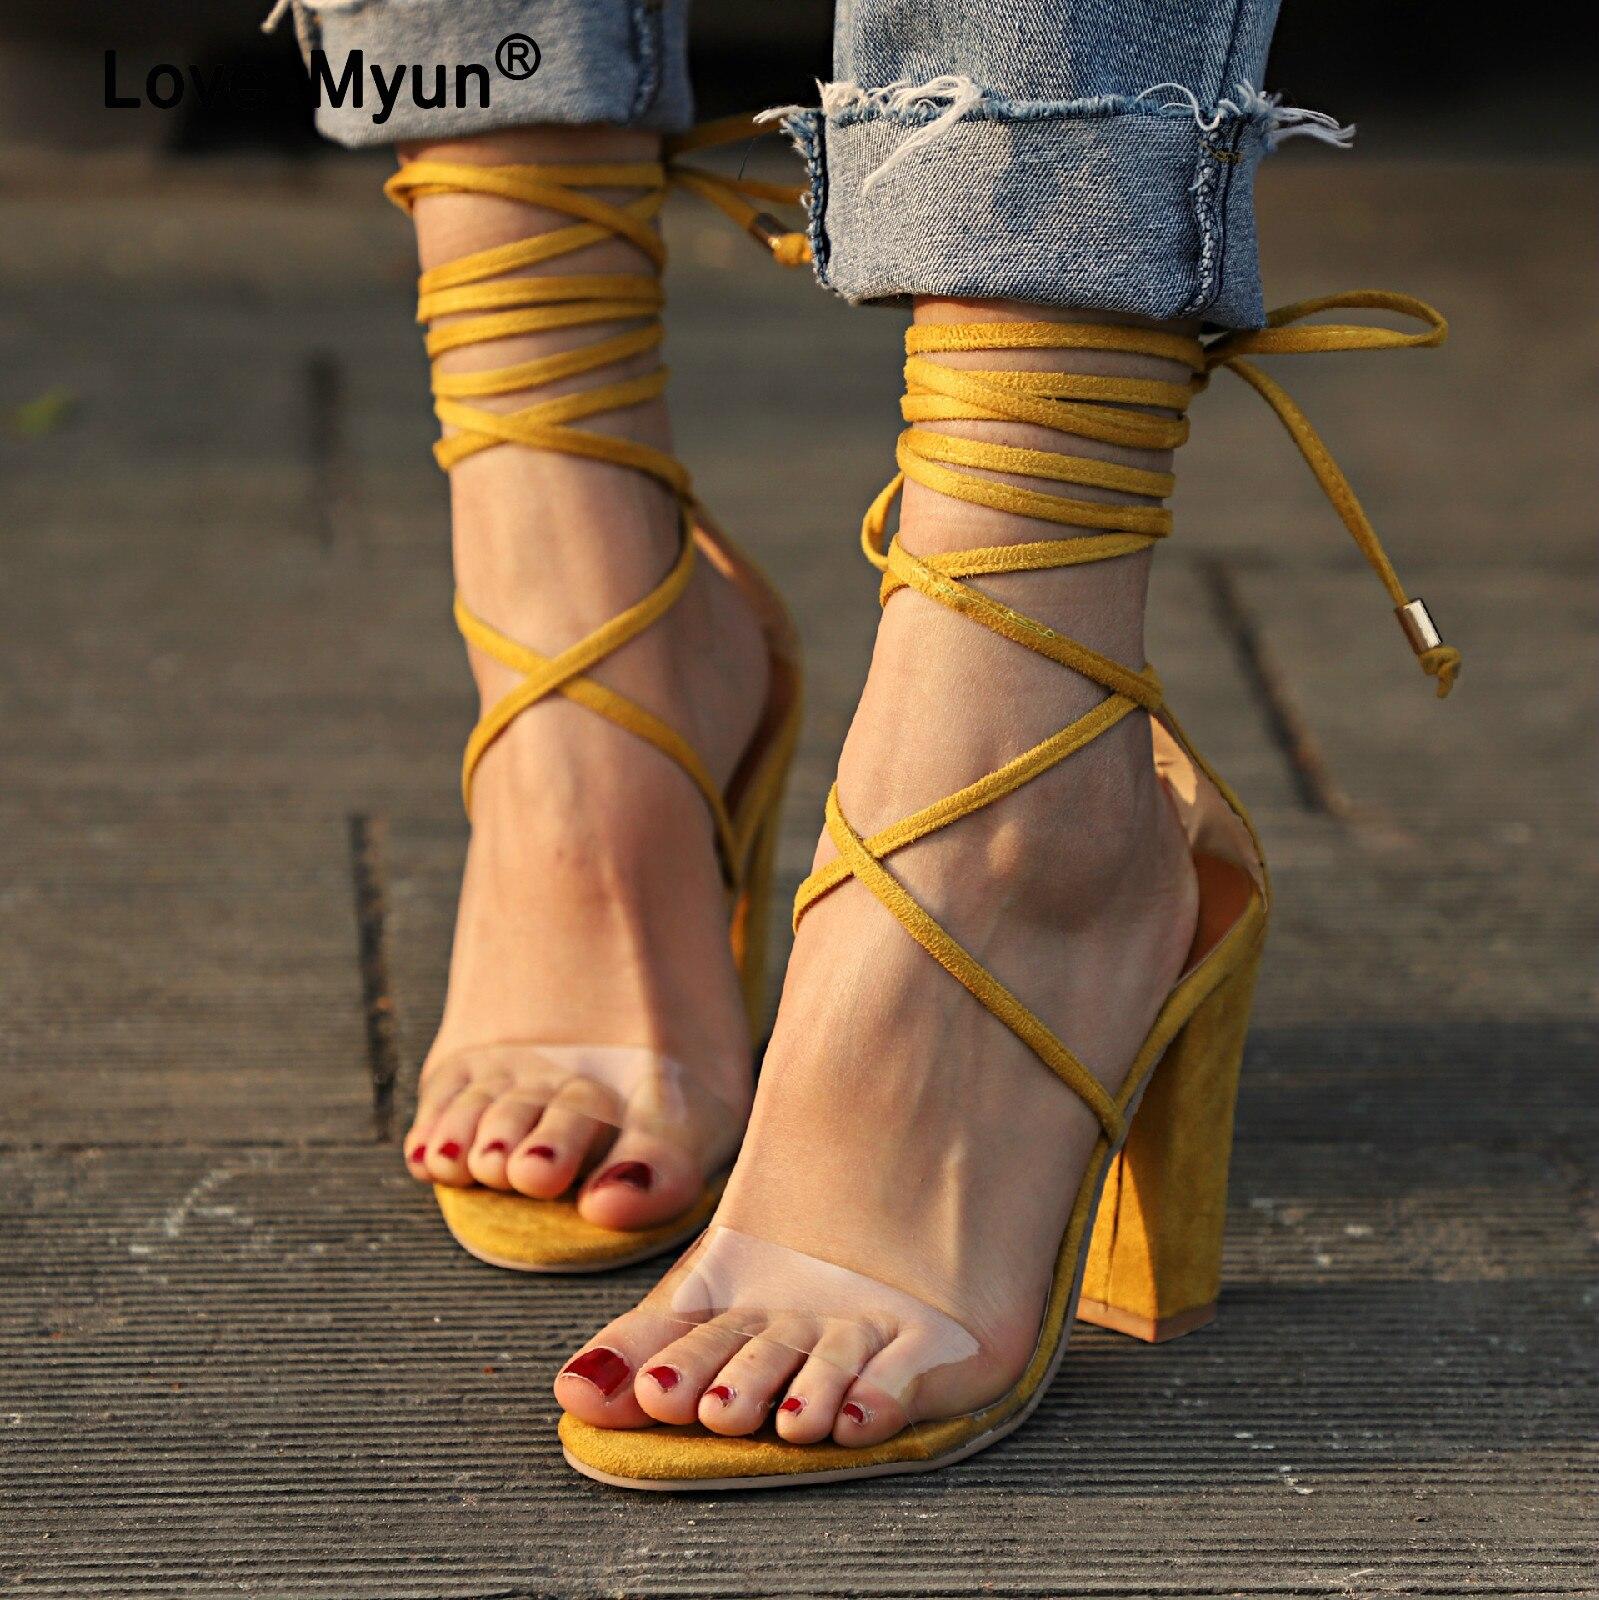 Étanche Mariage 2018 Pompes D'été Casual De Feminina bleu noir Haute Femmes Transparent Talons Beige or Chaussures Sandales Pvc Sandalia 7zFxxw5qd